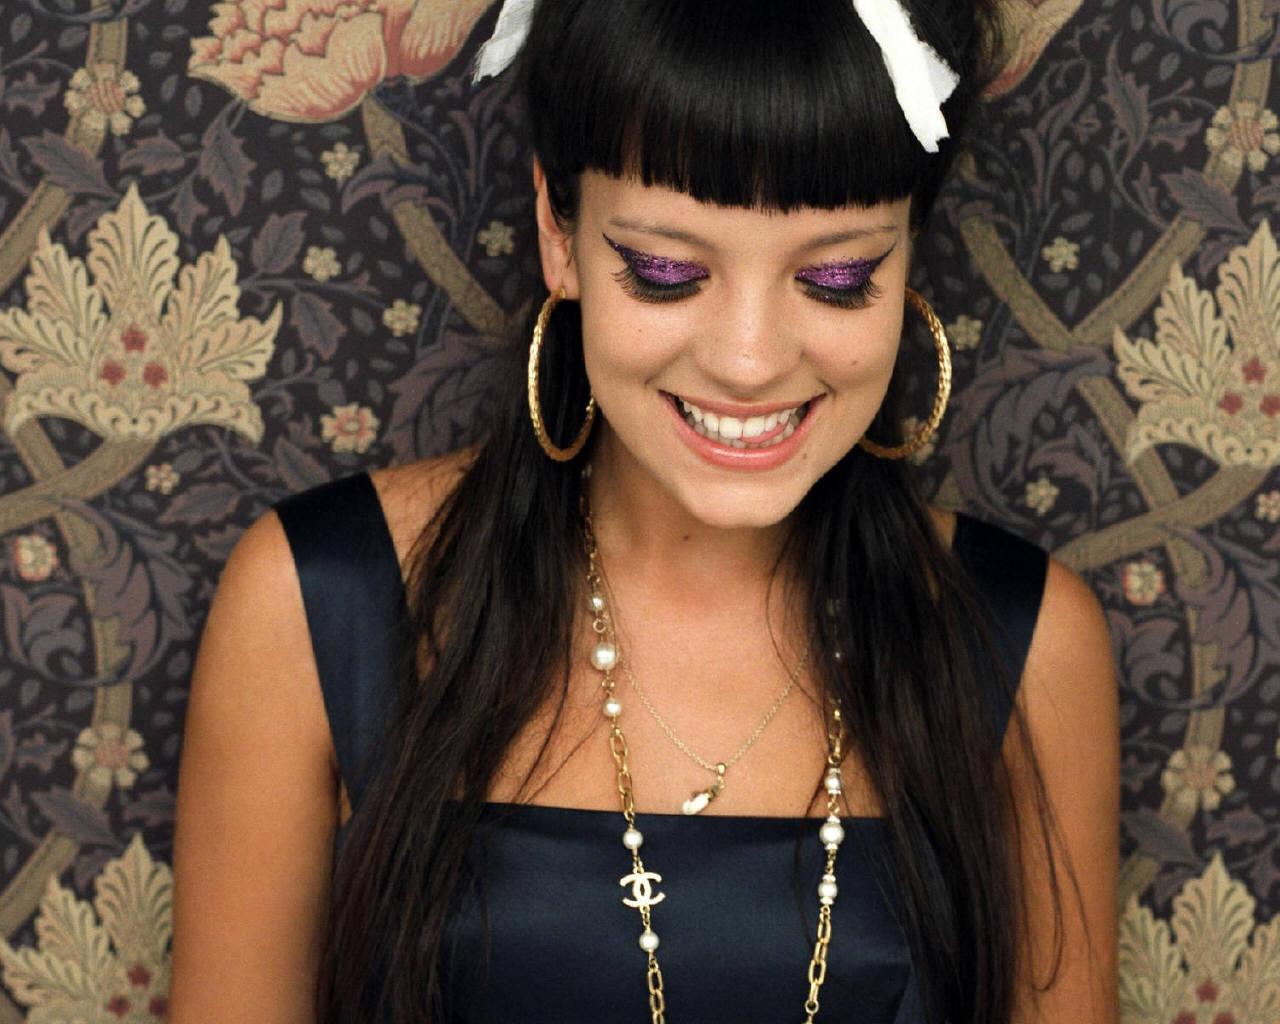 http://3.bp.blogspot.com/-Kx9c5fOYumk/UKI4n3rvacI/AAAAAAAALLo/OBdgMGWZqr8/s1600/Lily-Allen.jpg